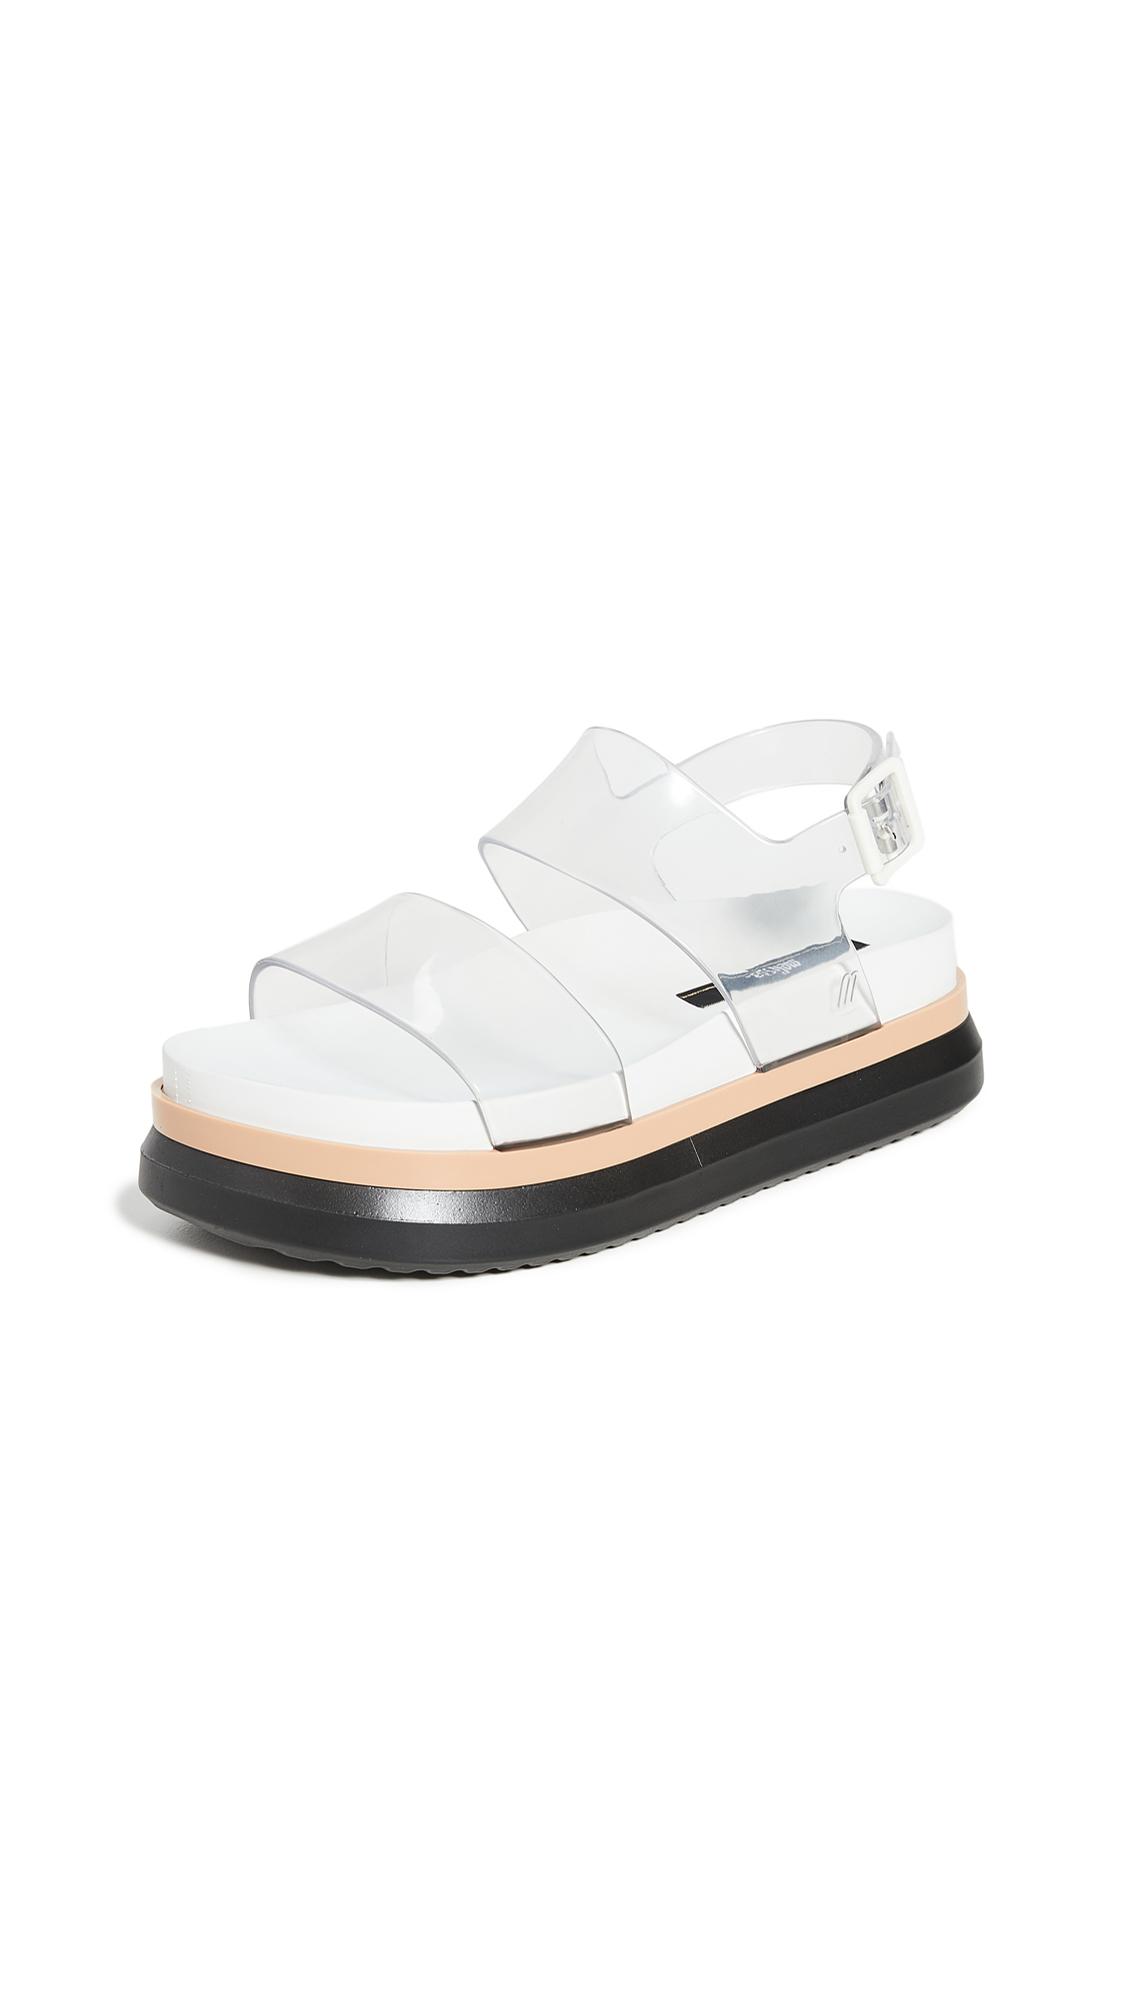 Buy Melissa Cosmic II Sandals online, shop Melissa